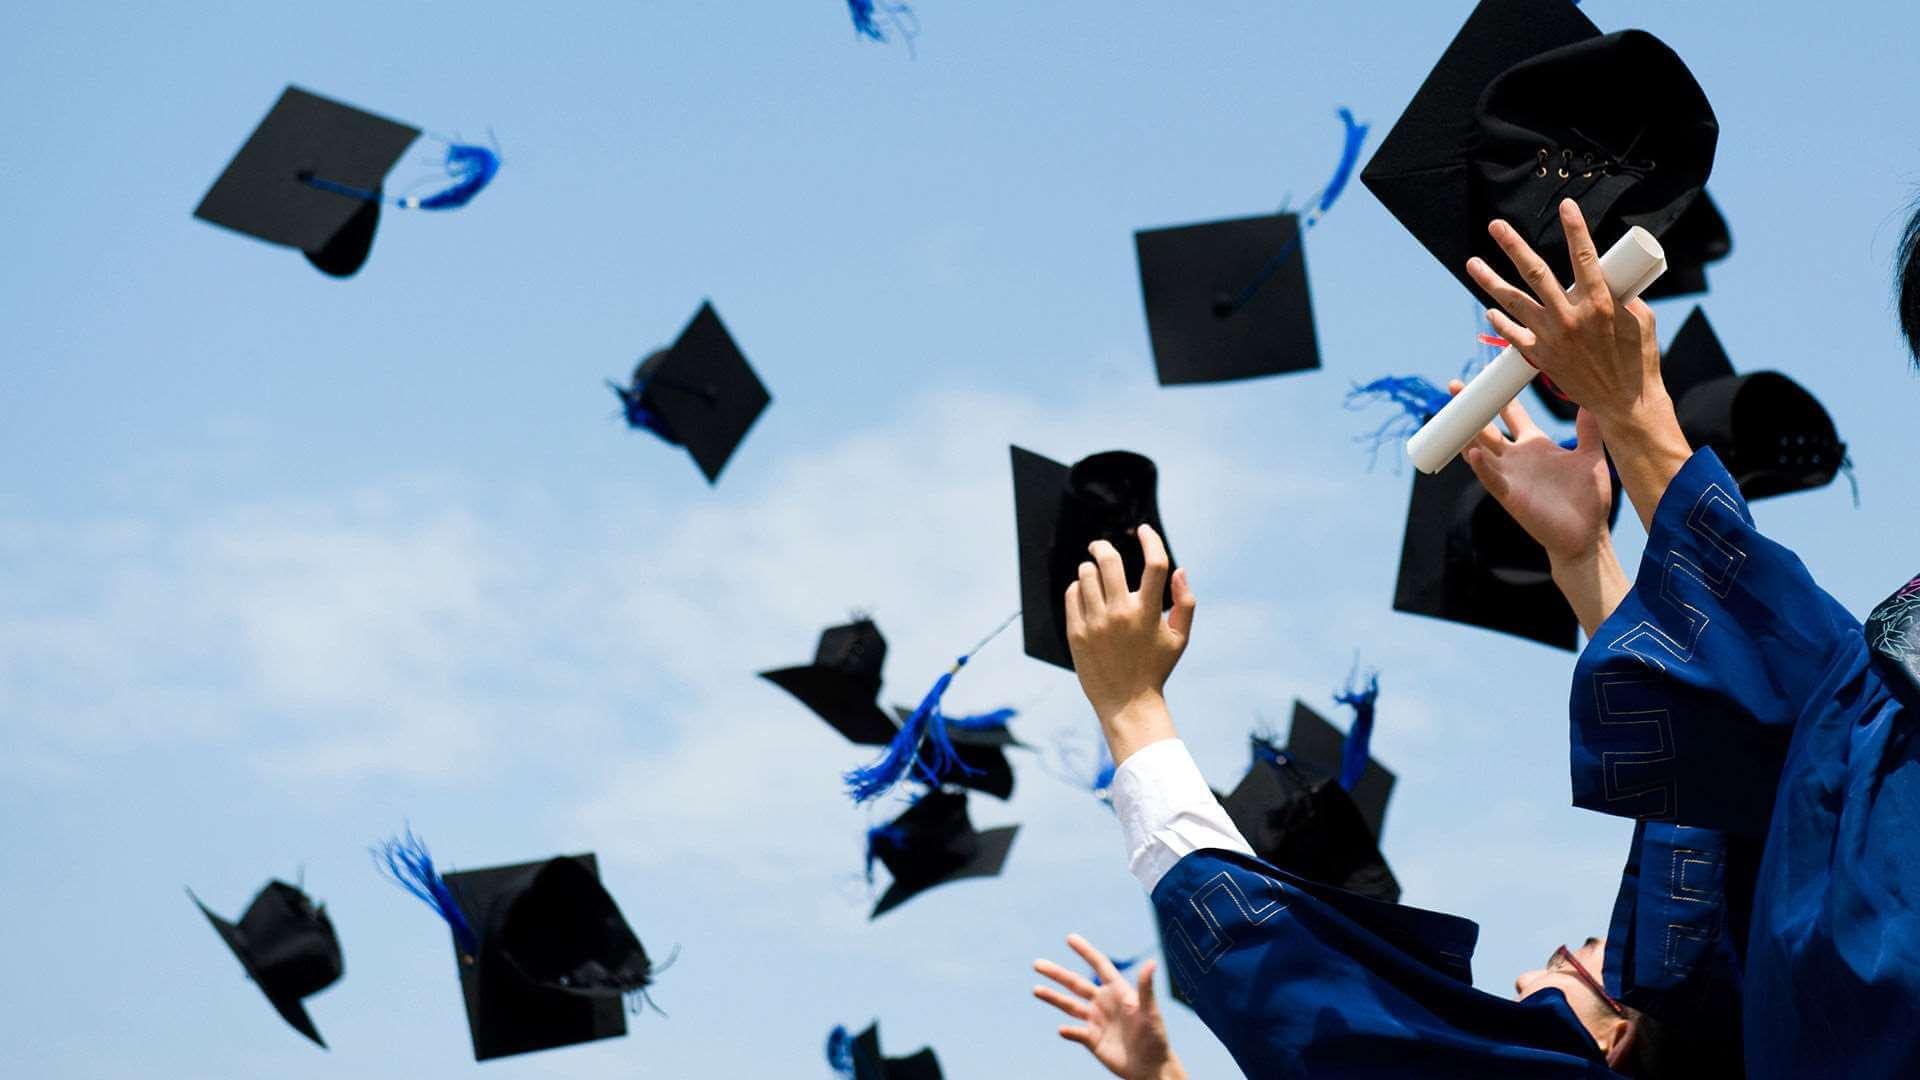 Saznajte što vam treba i gdje se morate prijaviti nakon diplome ili mature